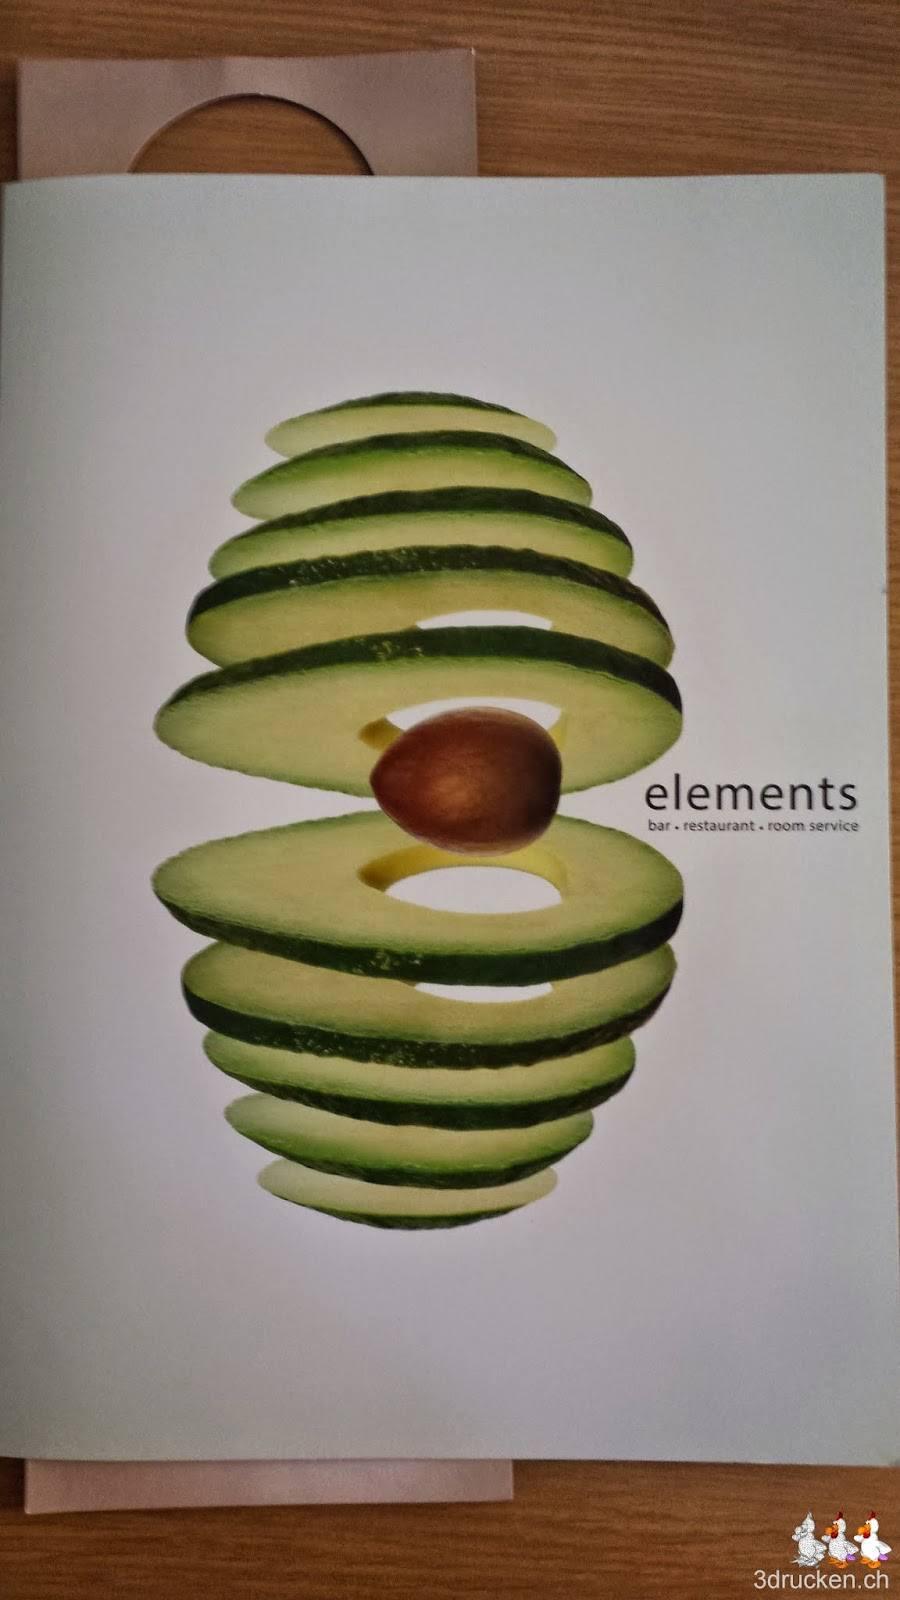 Foto der Speisekarte unseres Hotels mit dem Bild einer geslicter Avocado vorn drauf